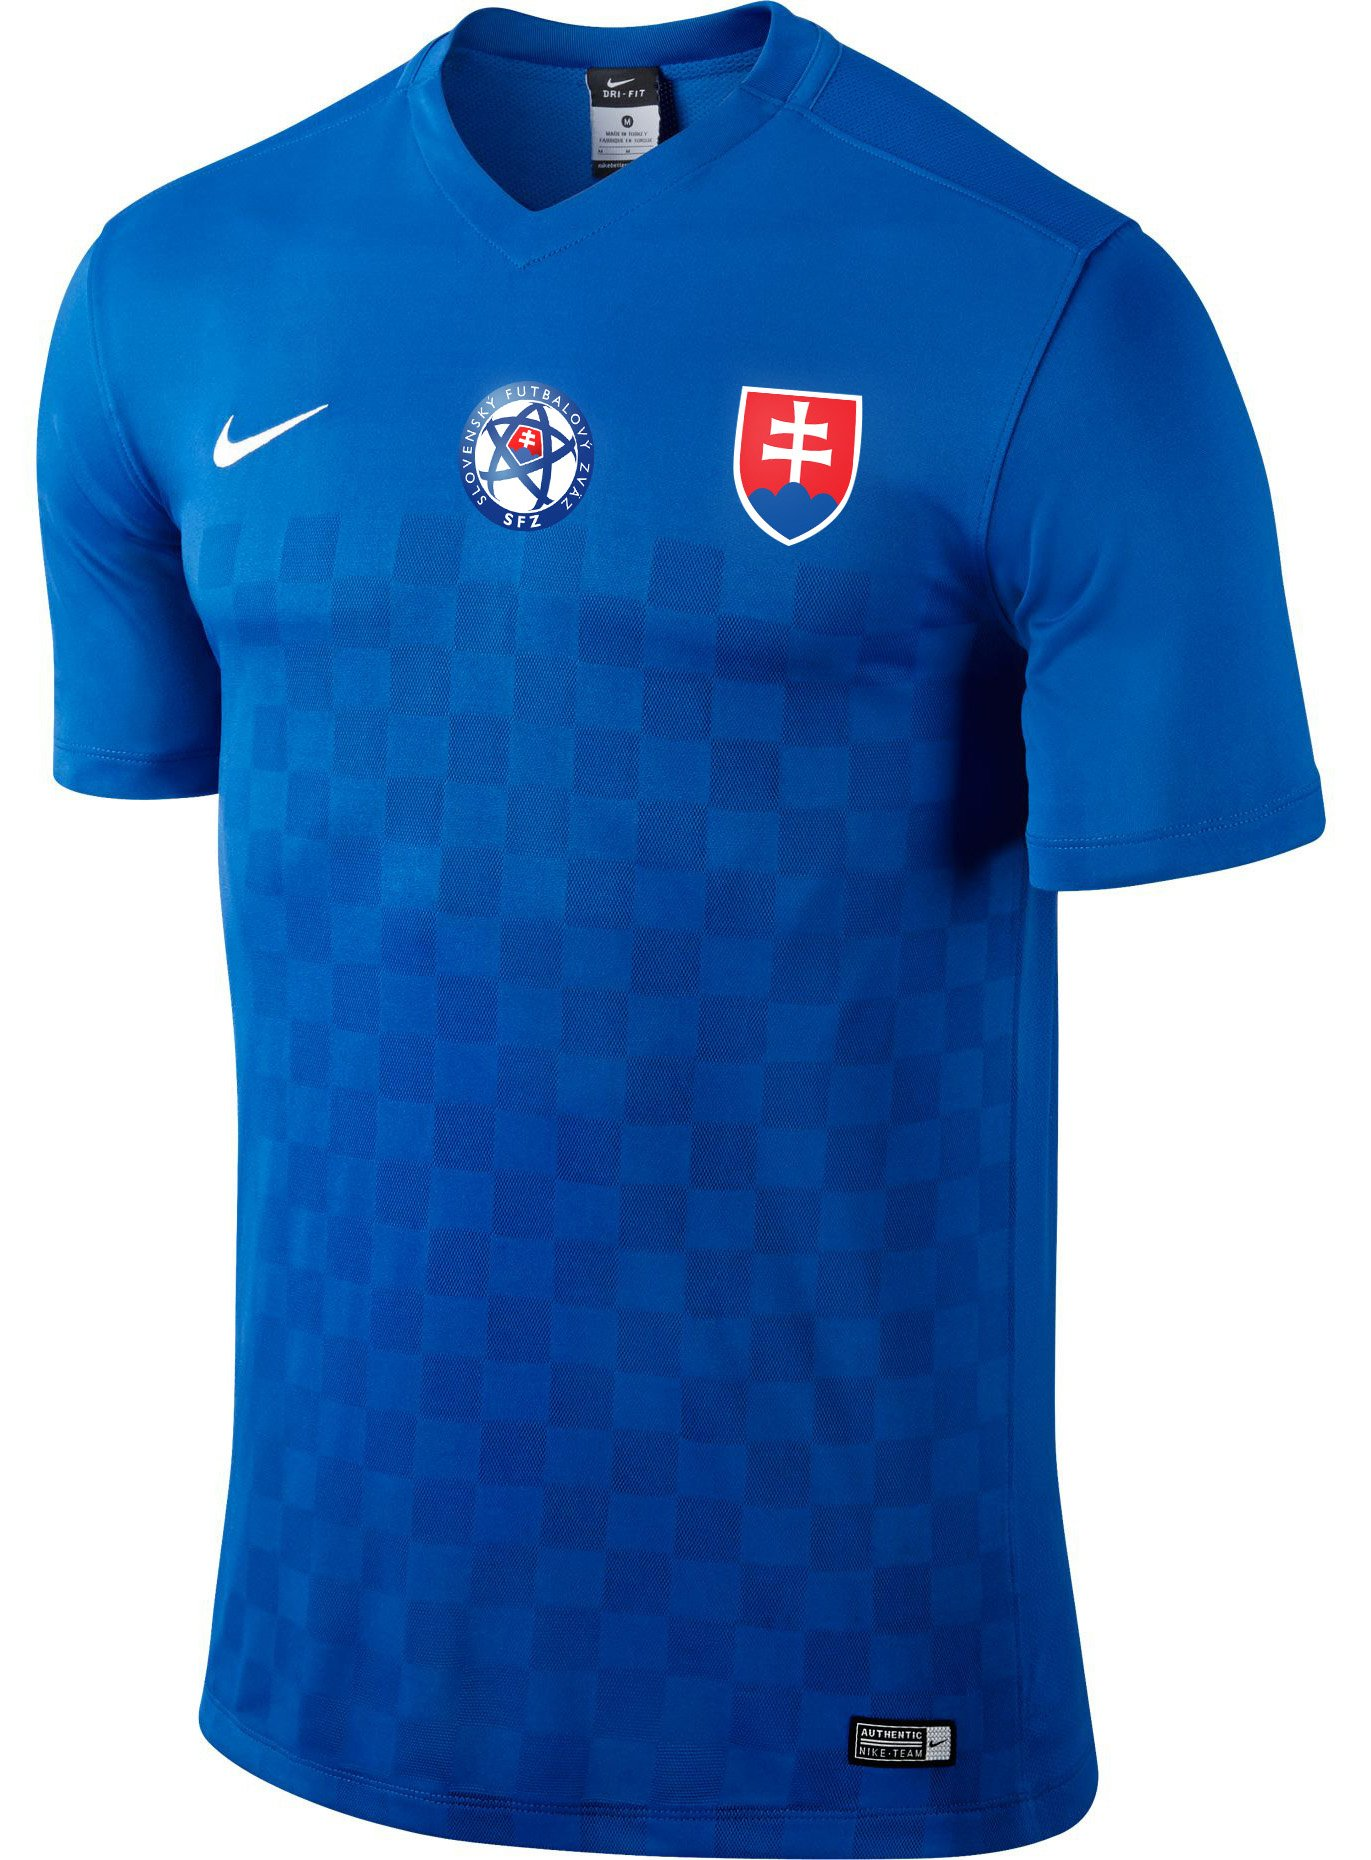 Originál hosťujúci dres Nike Slovensko 2016/2017